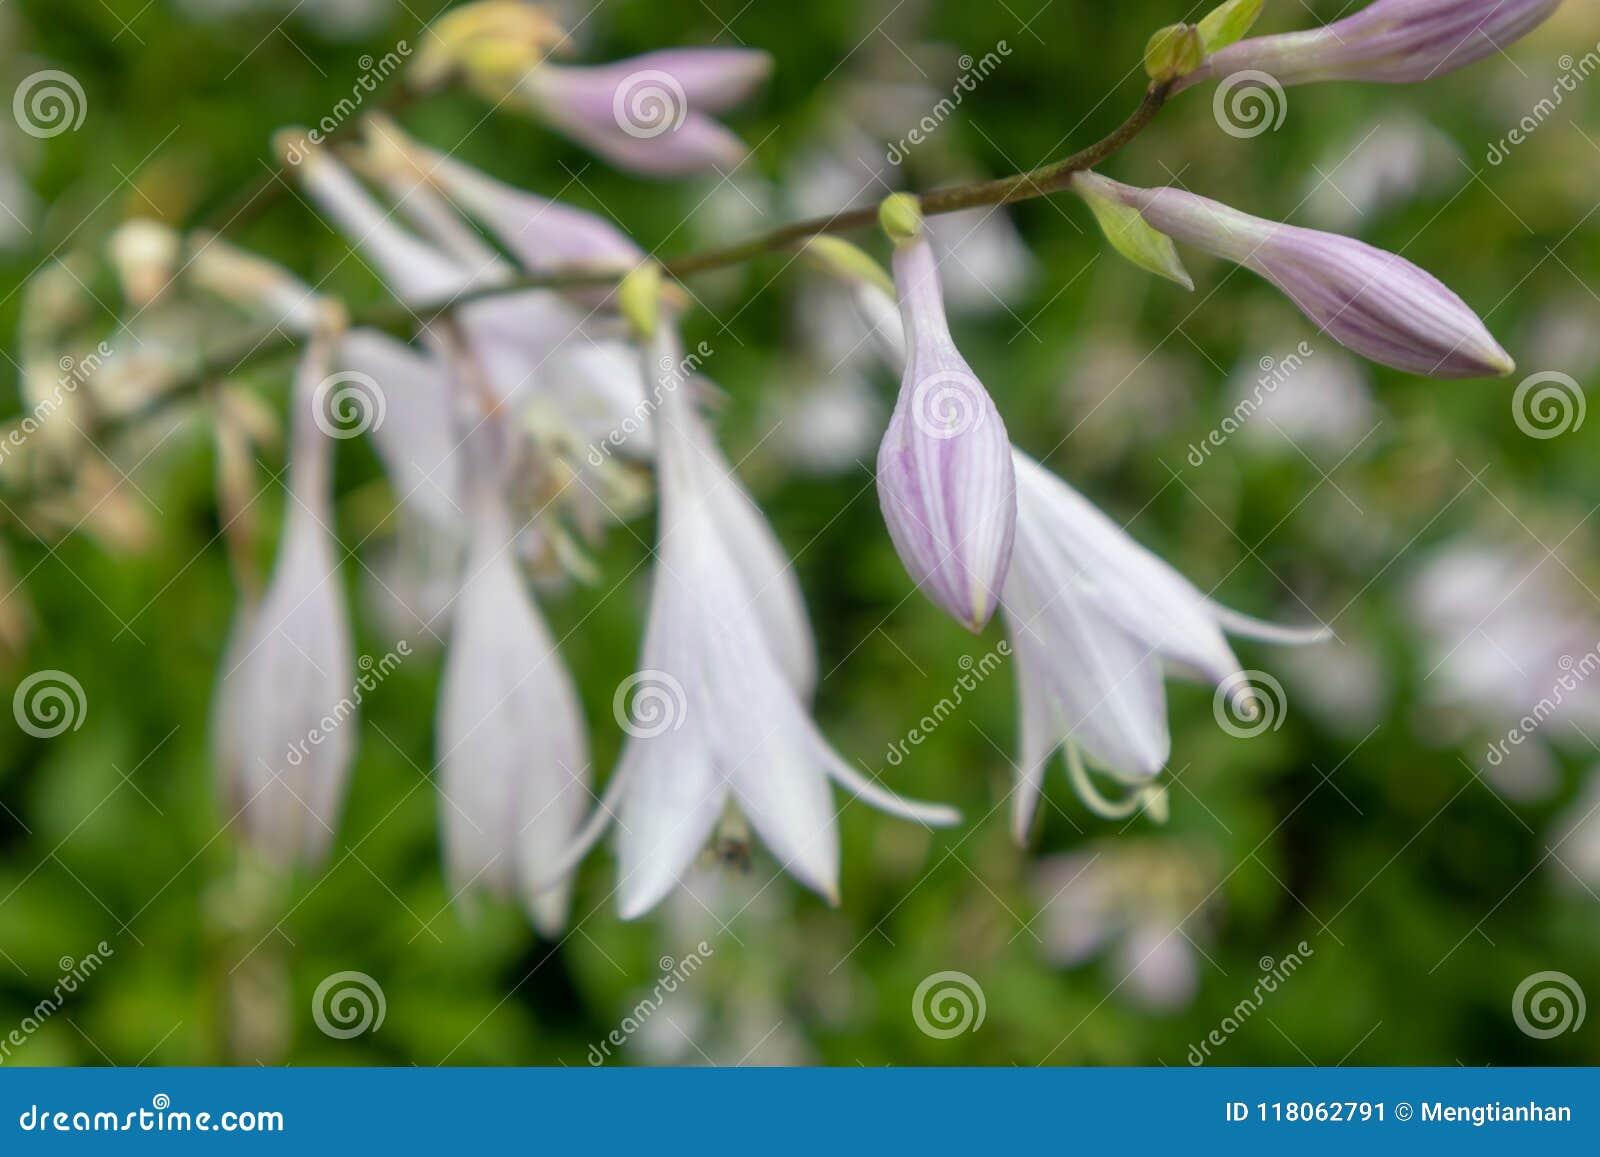 Flower of fragrant plantain lily hosta plantaginea lam aschers flower of fragrant plantain lily hosta plantaginea lam aschers izmirmasajfo